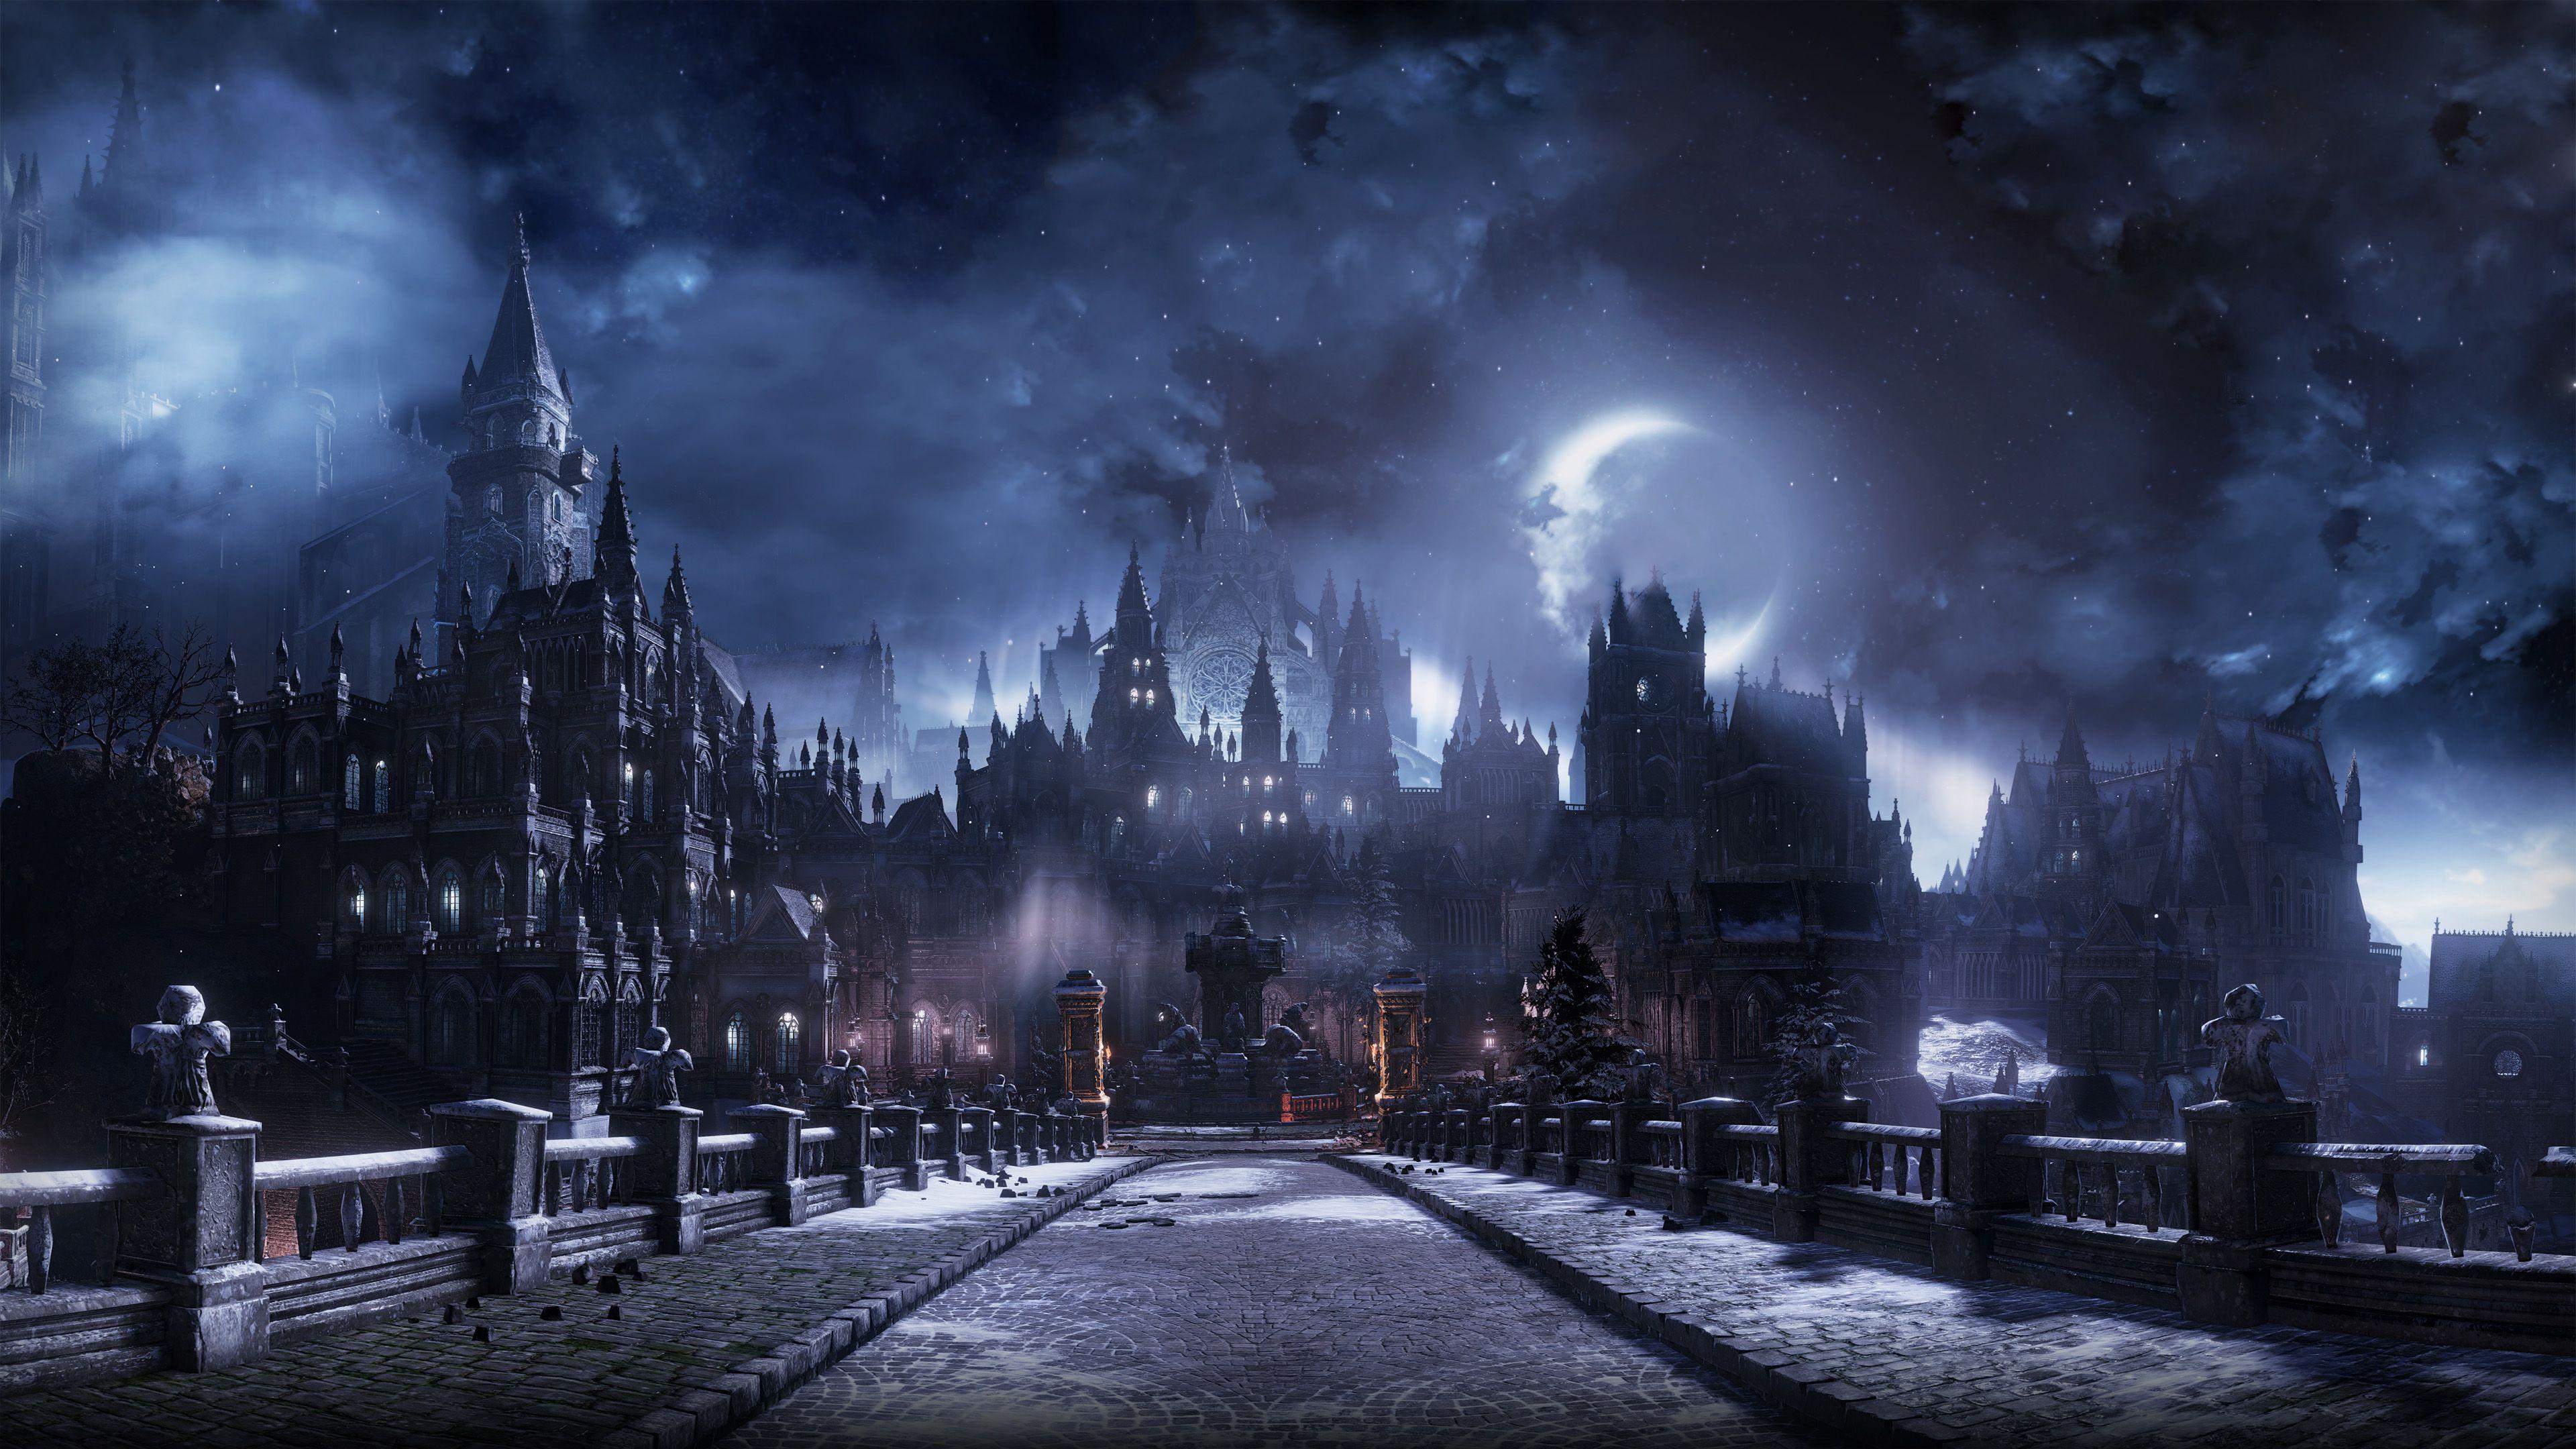 Pin By Natsume Kurai On Graphic Stuff Dark Souls Dark Souls Art Dark Knight Wallpaper Dark night wallpaper engine